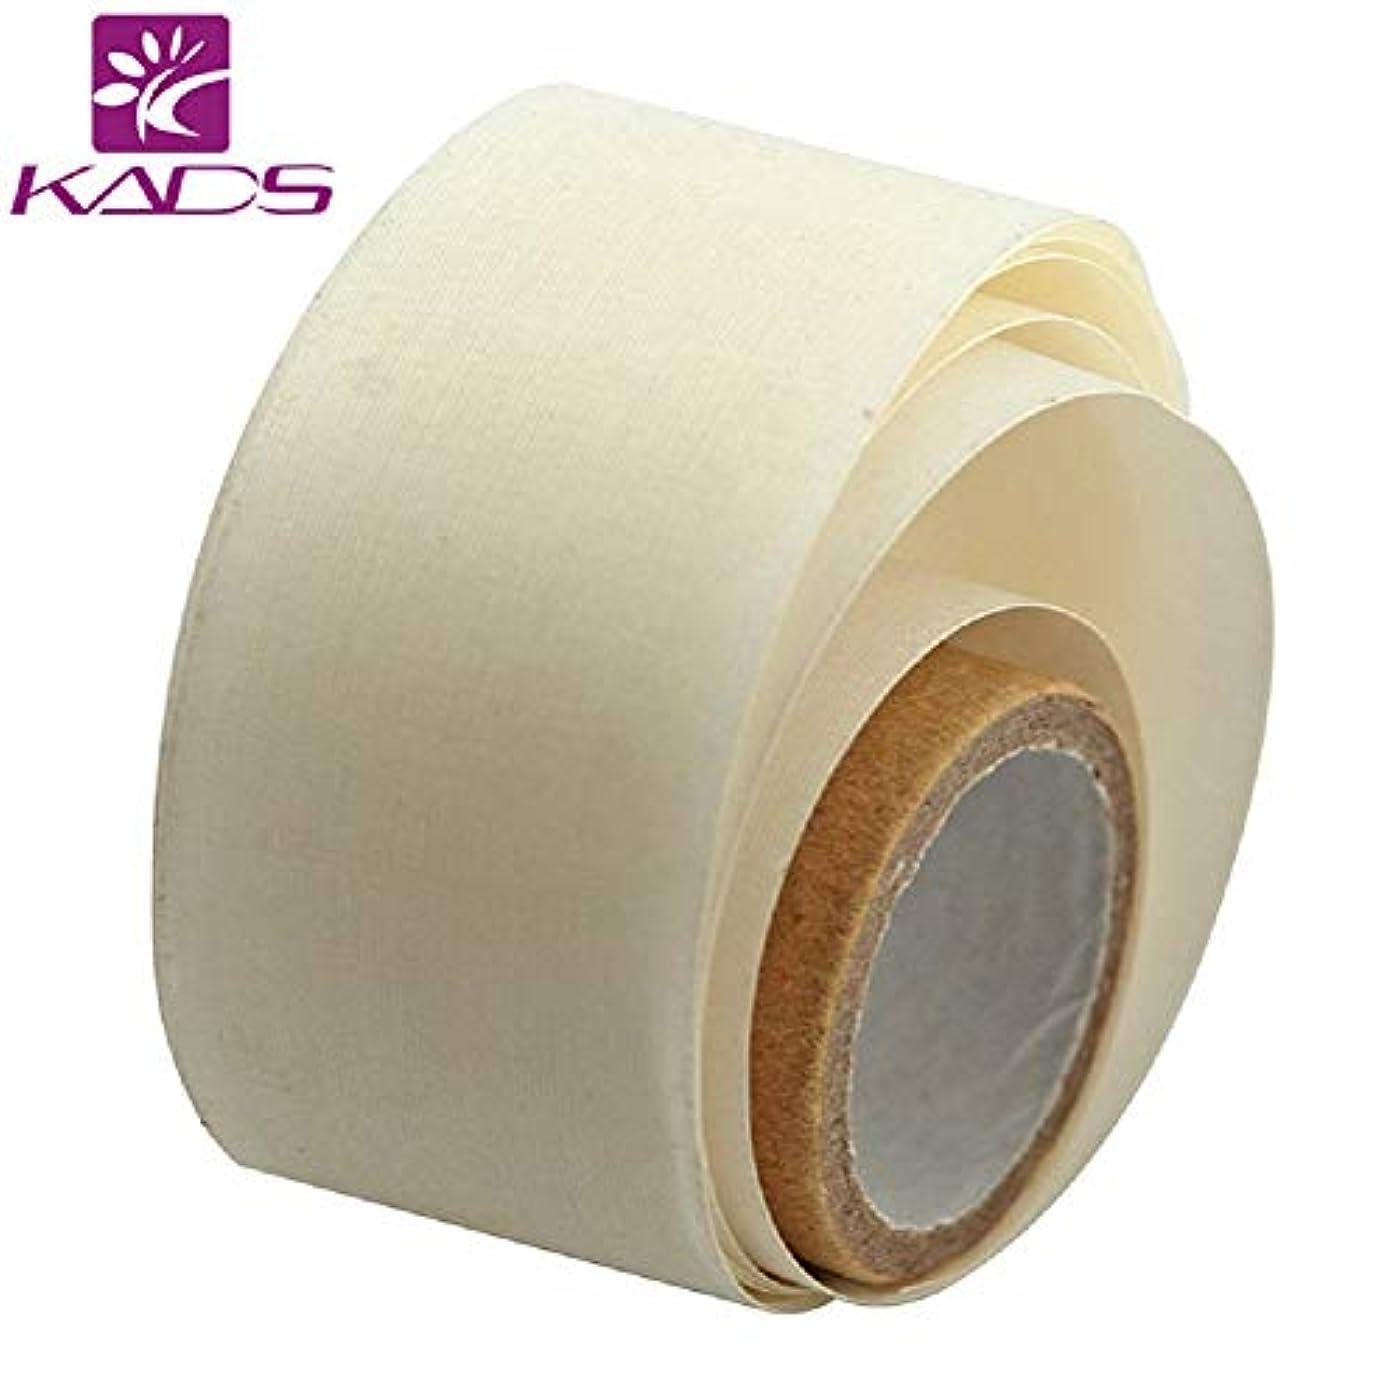 ショッピングセンターみおなじみのKADS ネイルシルクテープ ネイルリペアテープペラ用 爪の補修 ジェルアクリルネイルアートツール